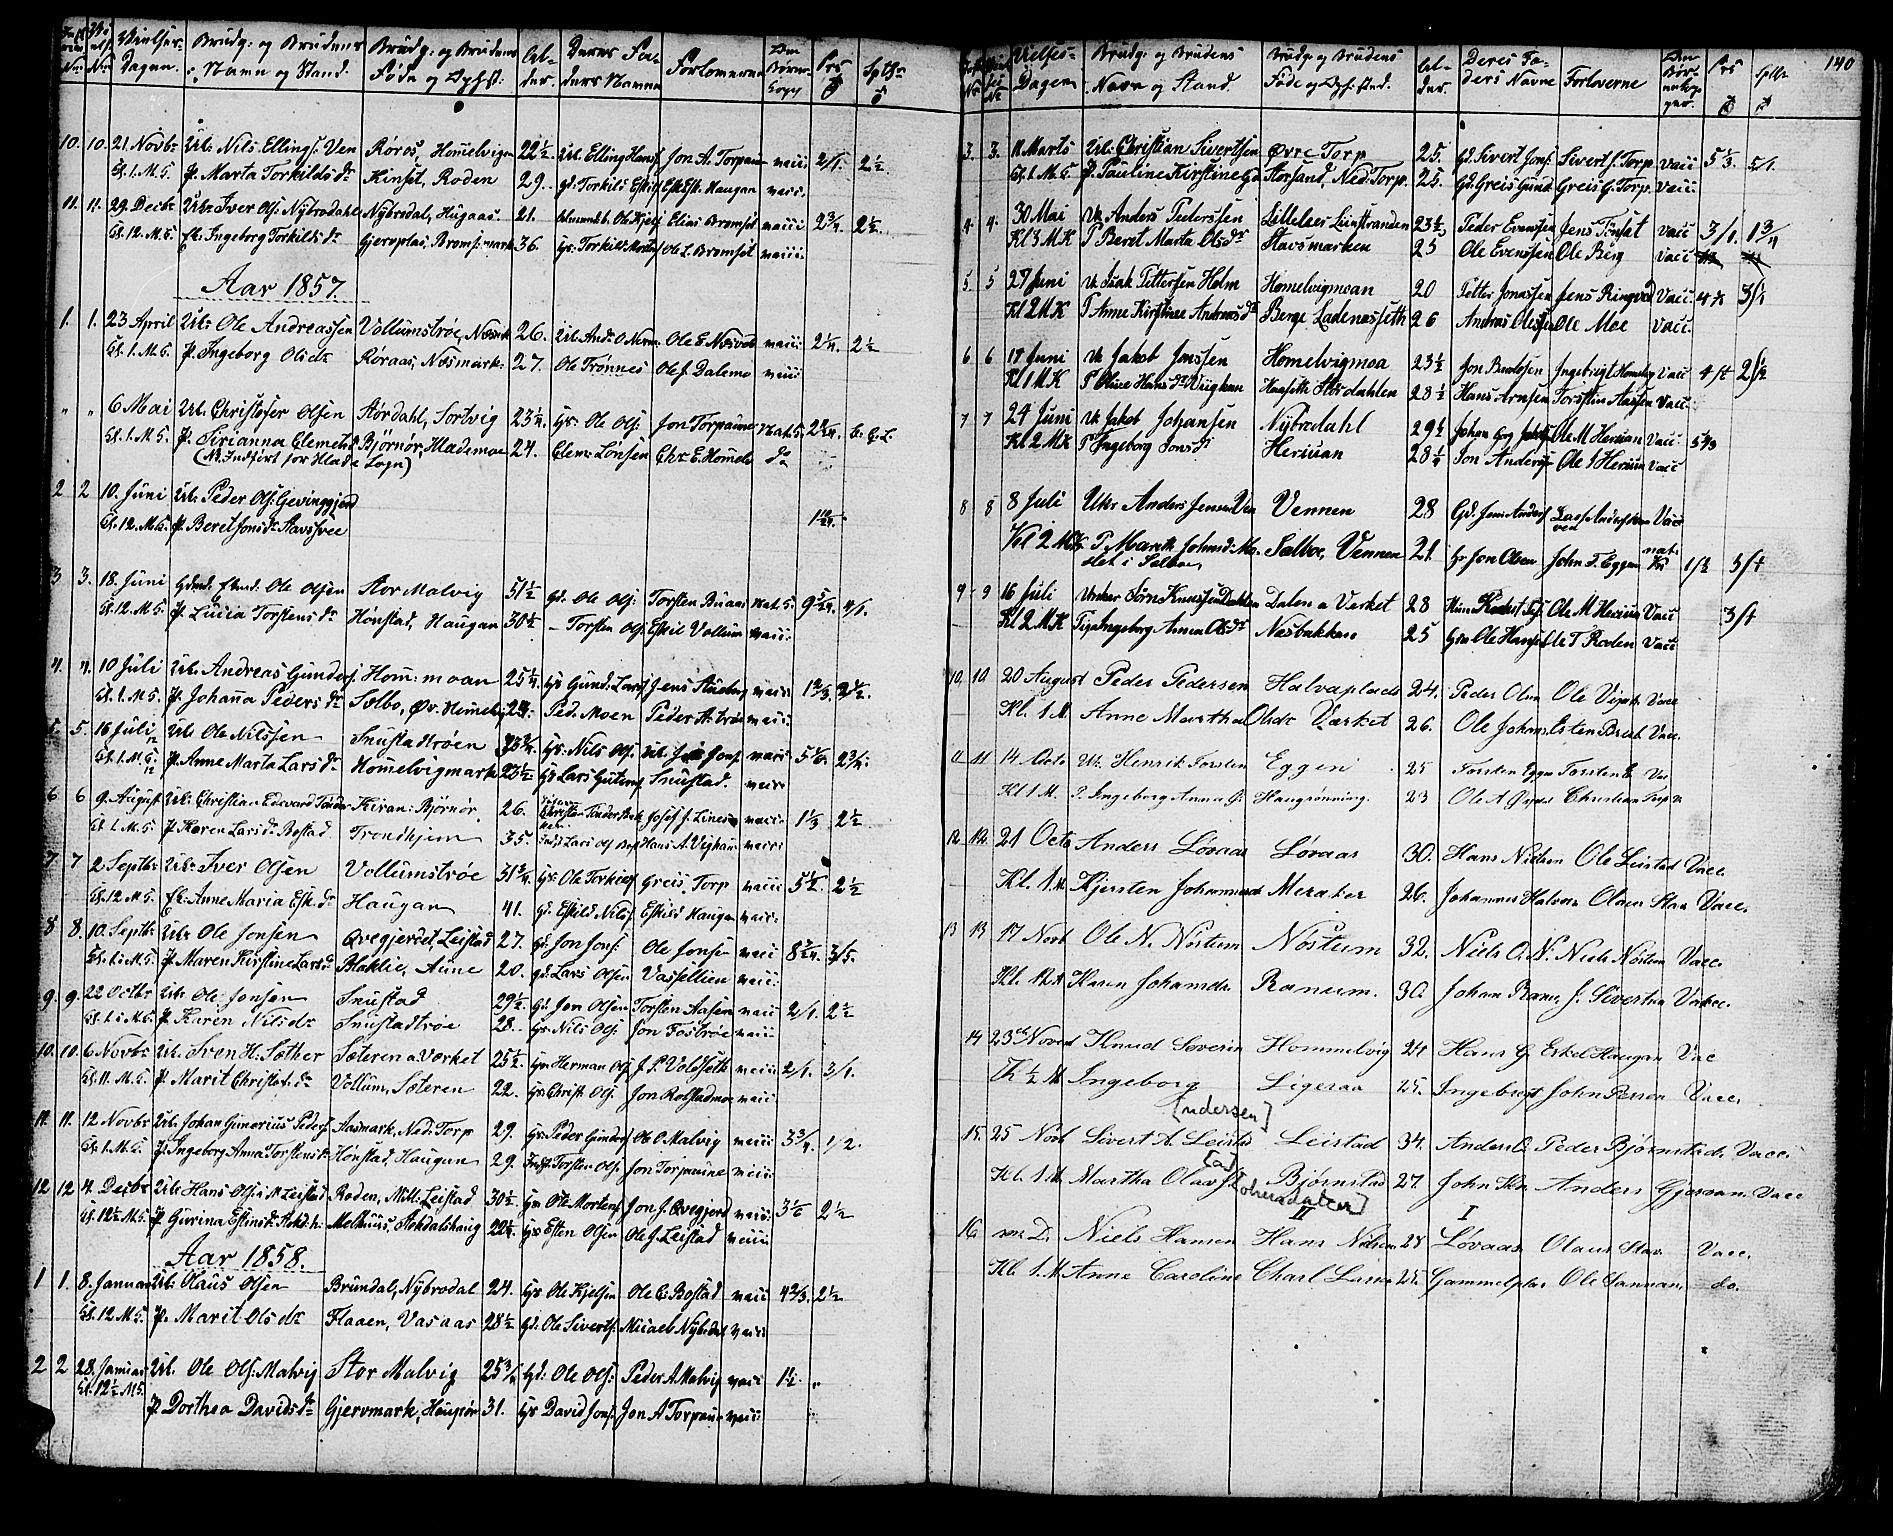 SAT, Ministerialprotokoller, klokkerbøker og fødselsregistre - Sør-Trøndelag, 616/L0422: Klokkerbok nr. 616C05, 1850-1888, s. 140